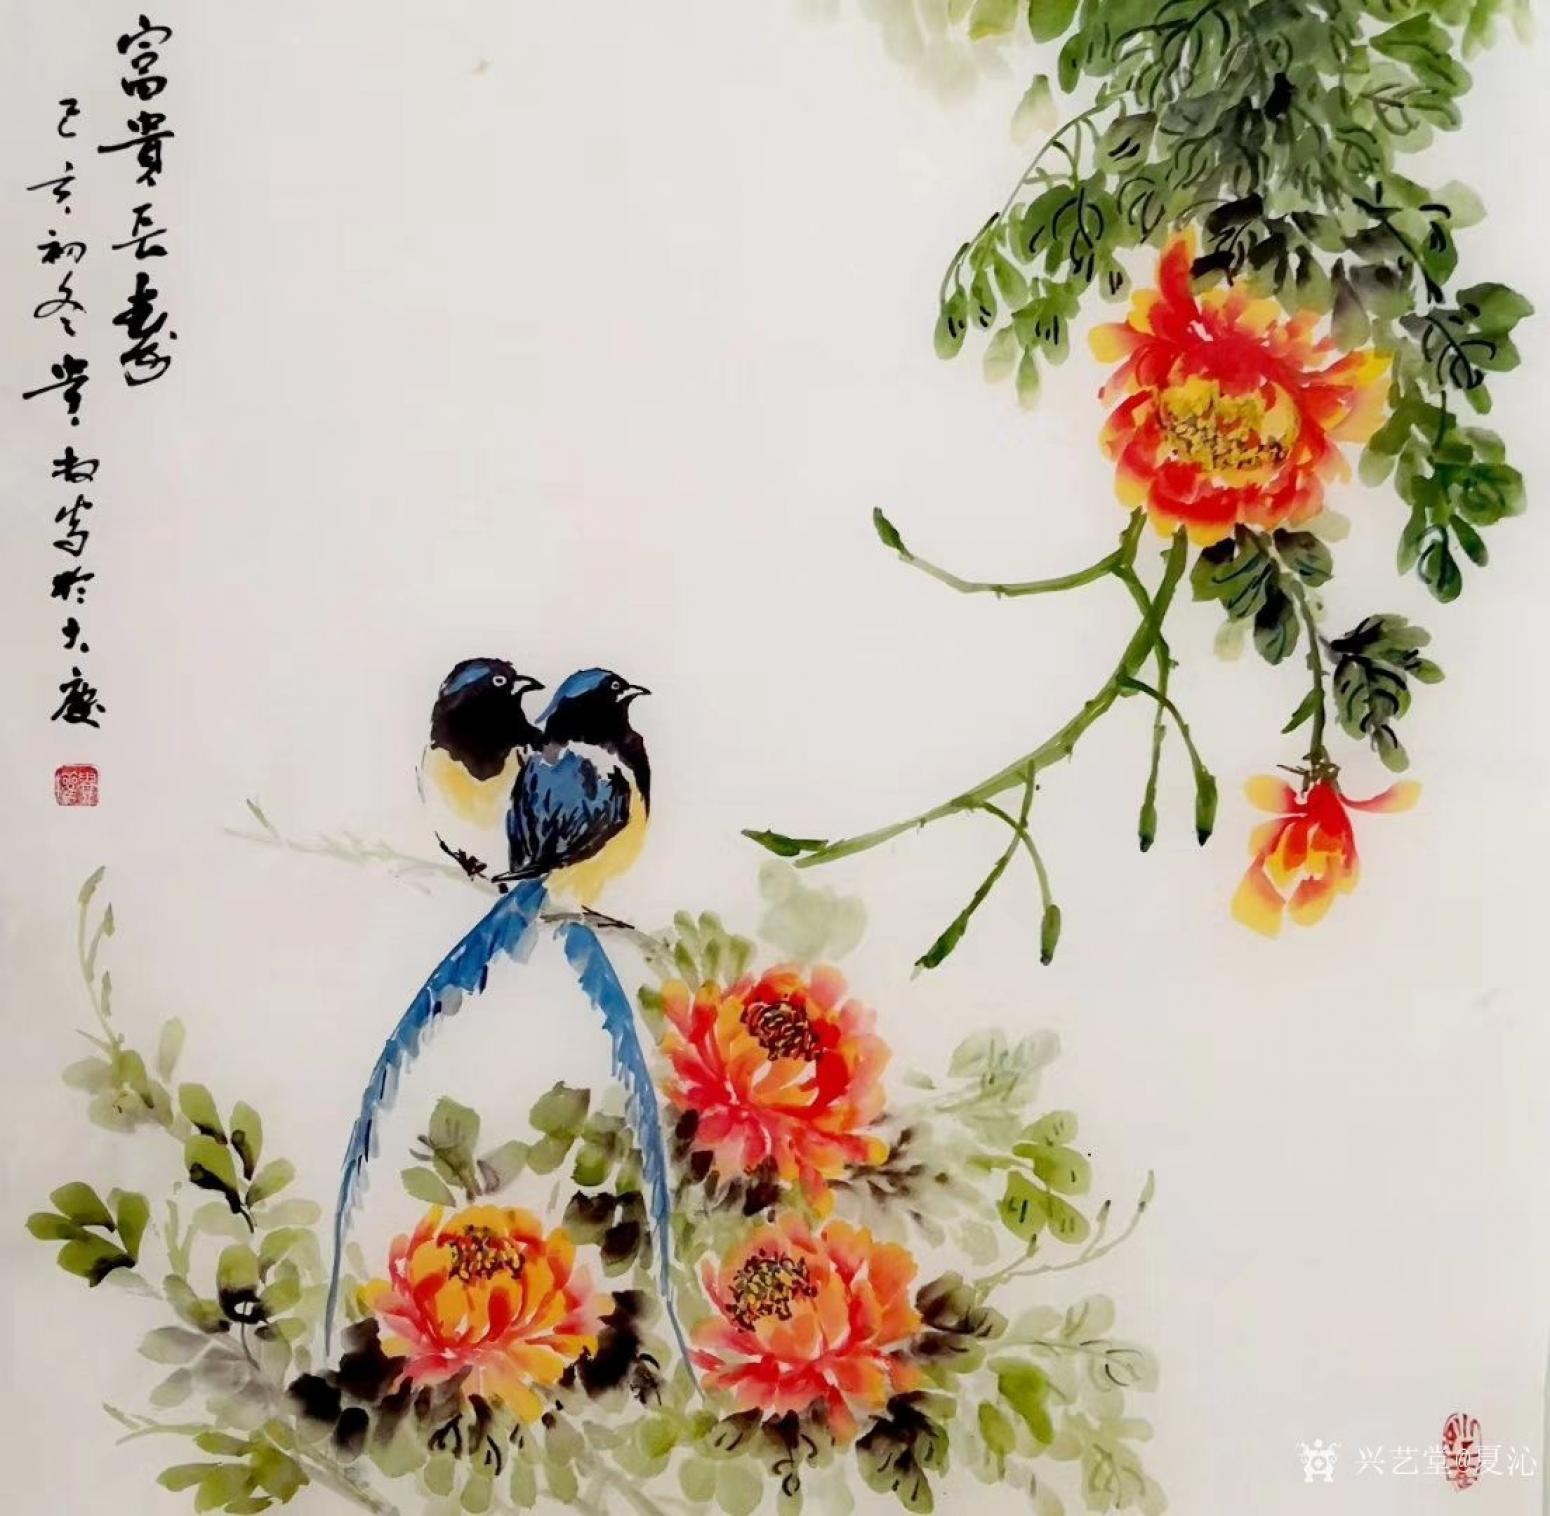 夏沁国画作品《富贵长寿》